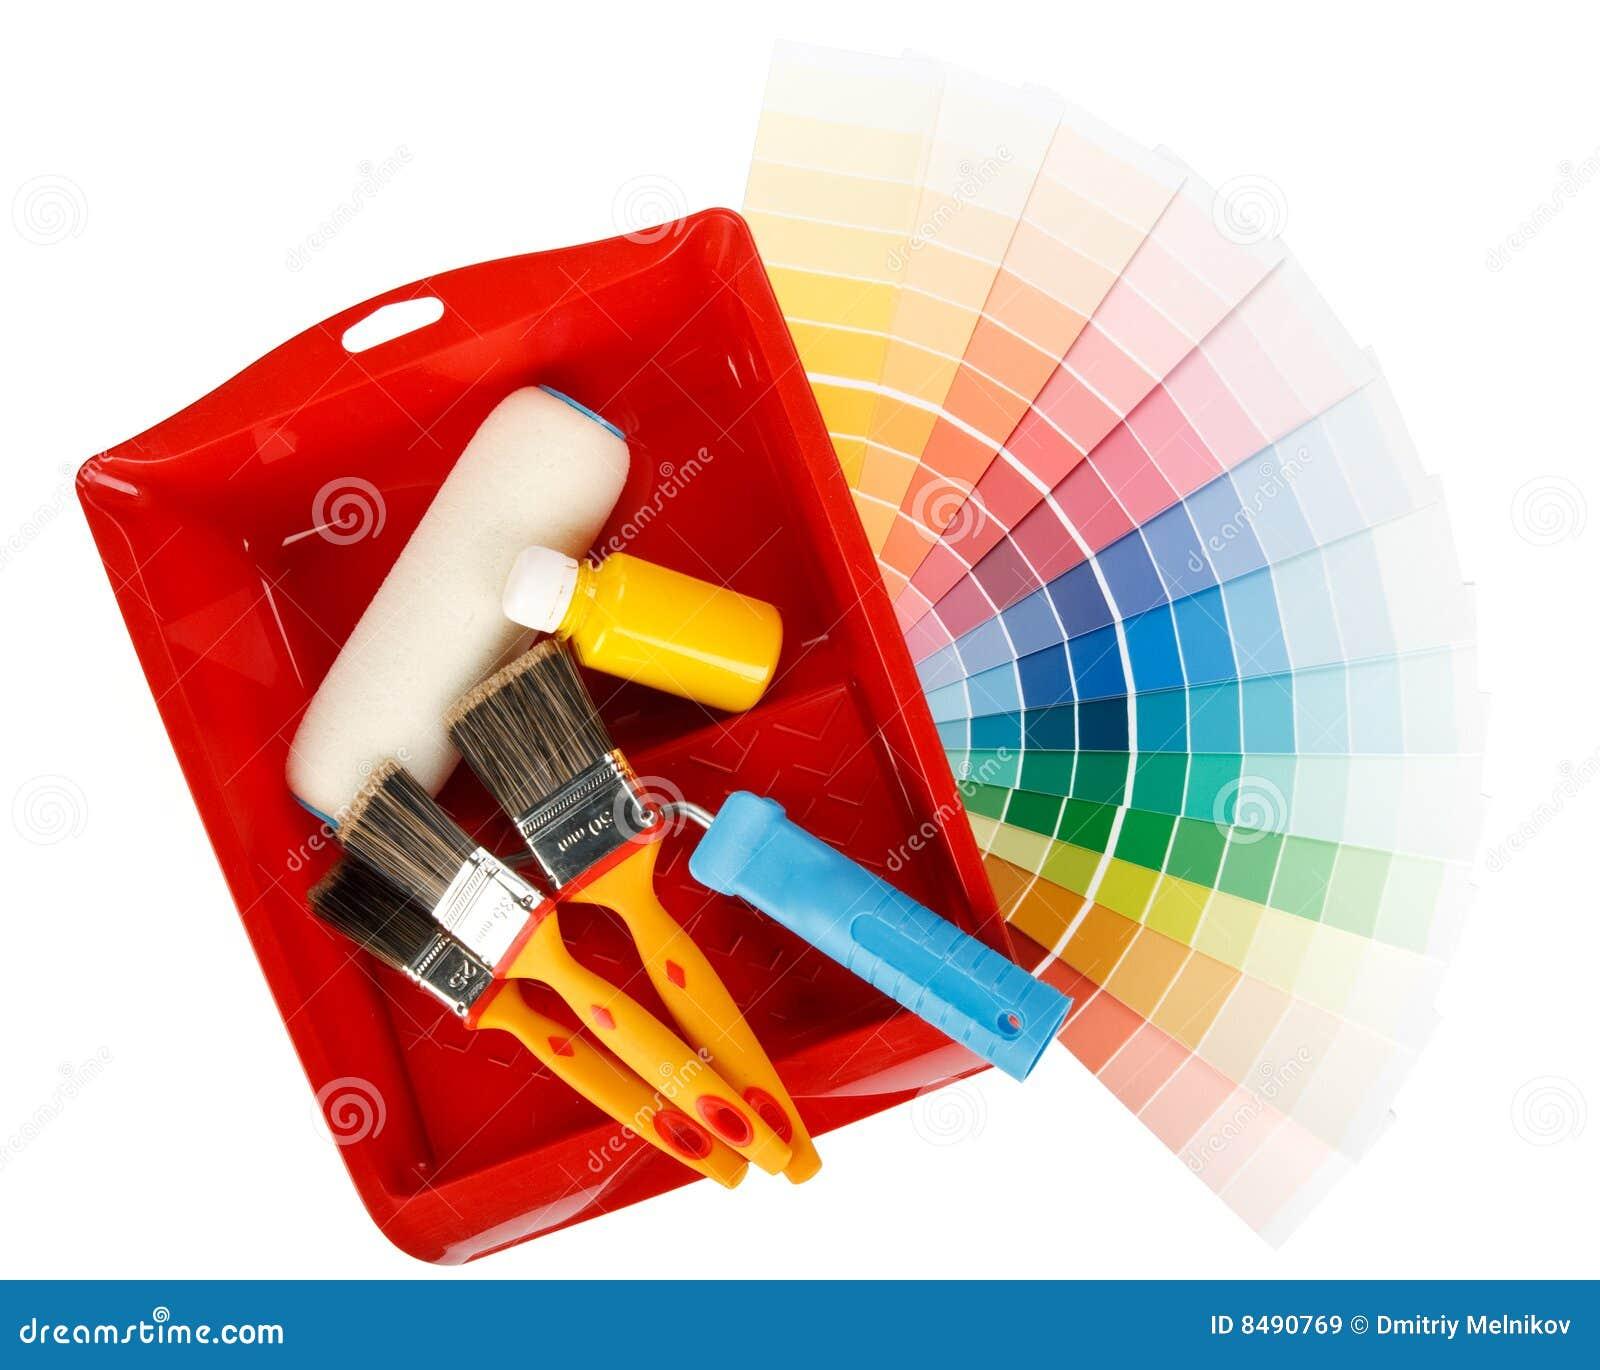 outils de peinture et guide de couleur images libres de droits image 8490769. Black Bedroom Furniture Sets. Home Design Ideas